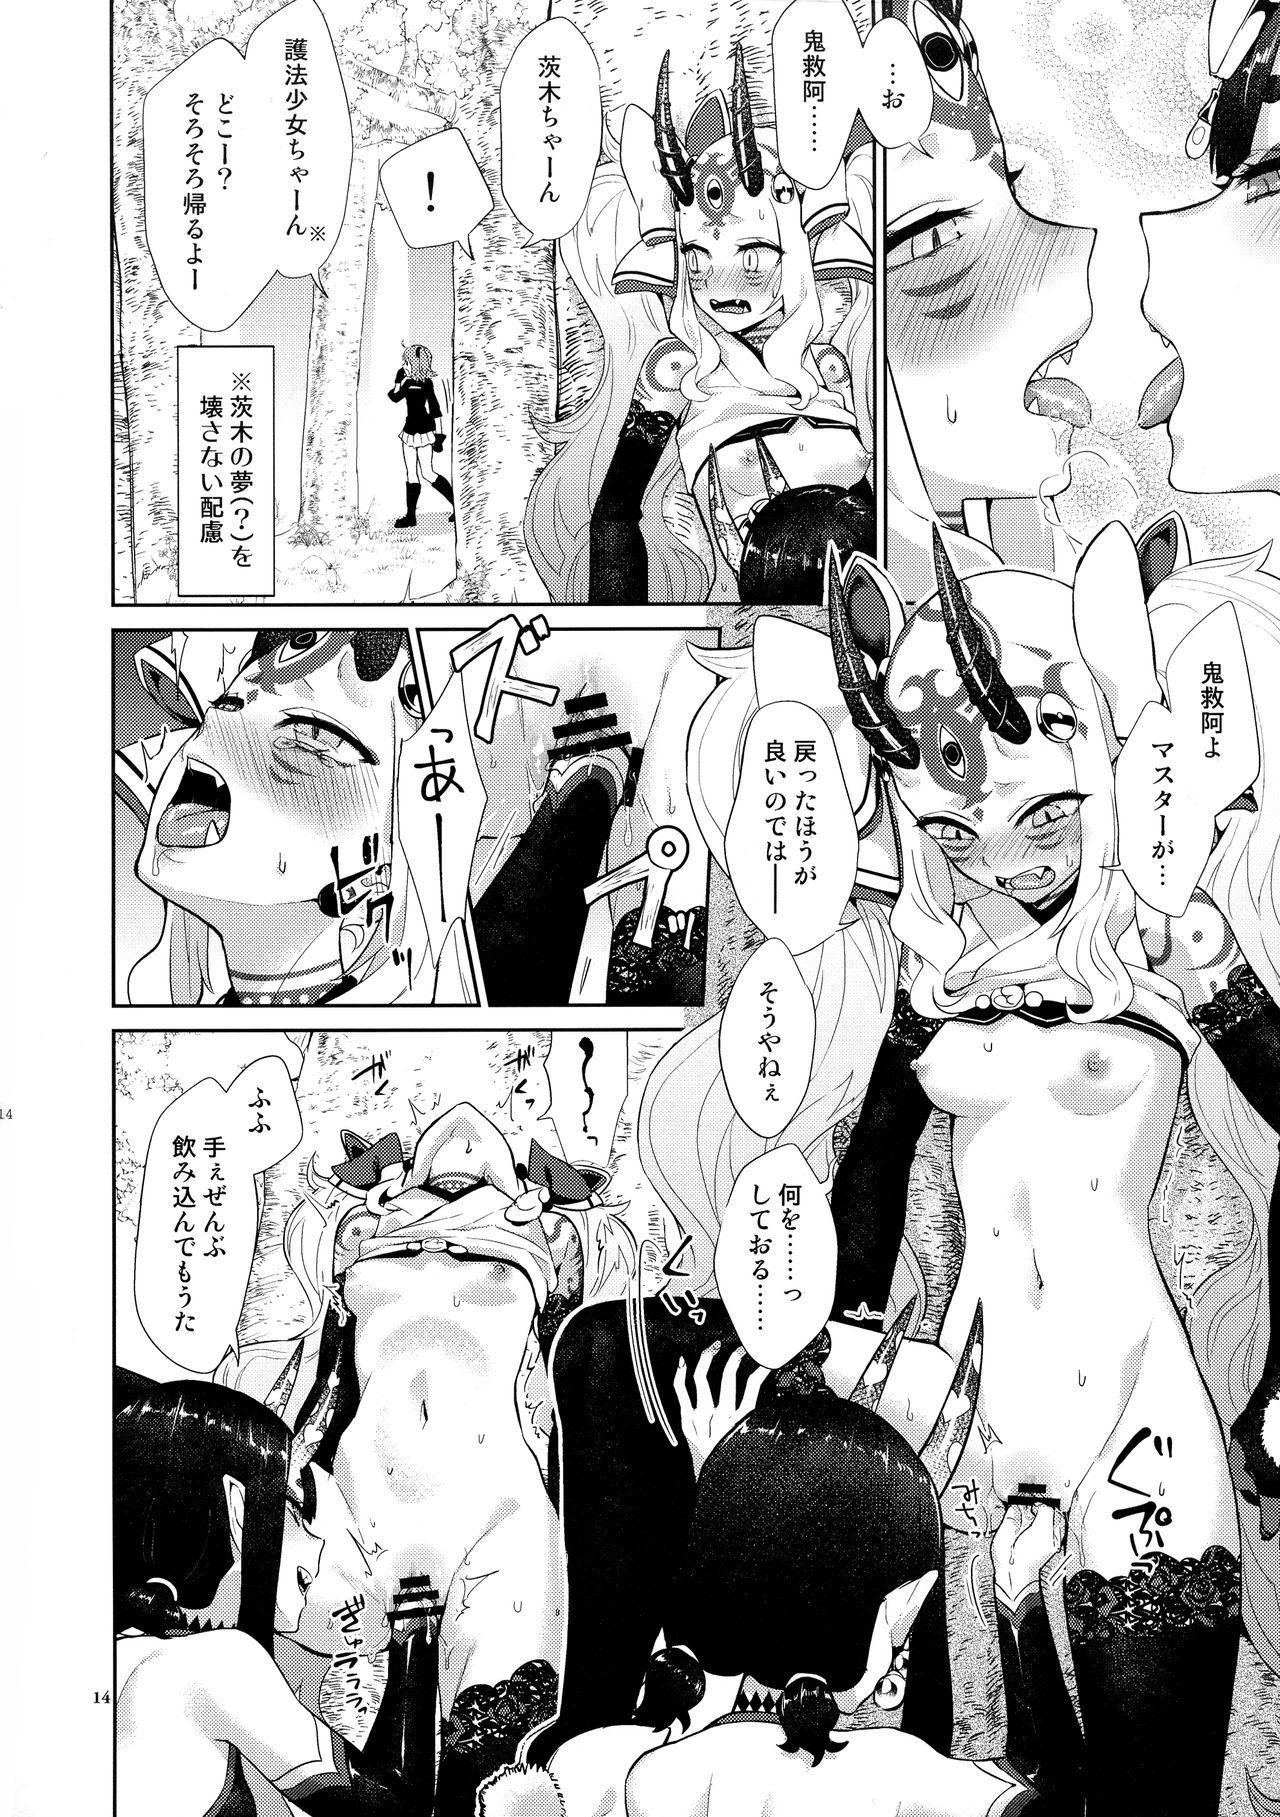 Gohou Shoujo no Himitsu Tokkun 12